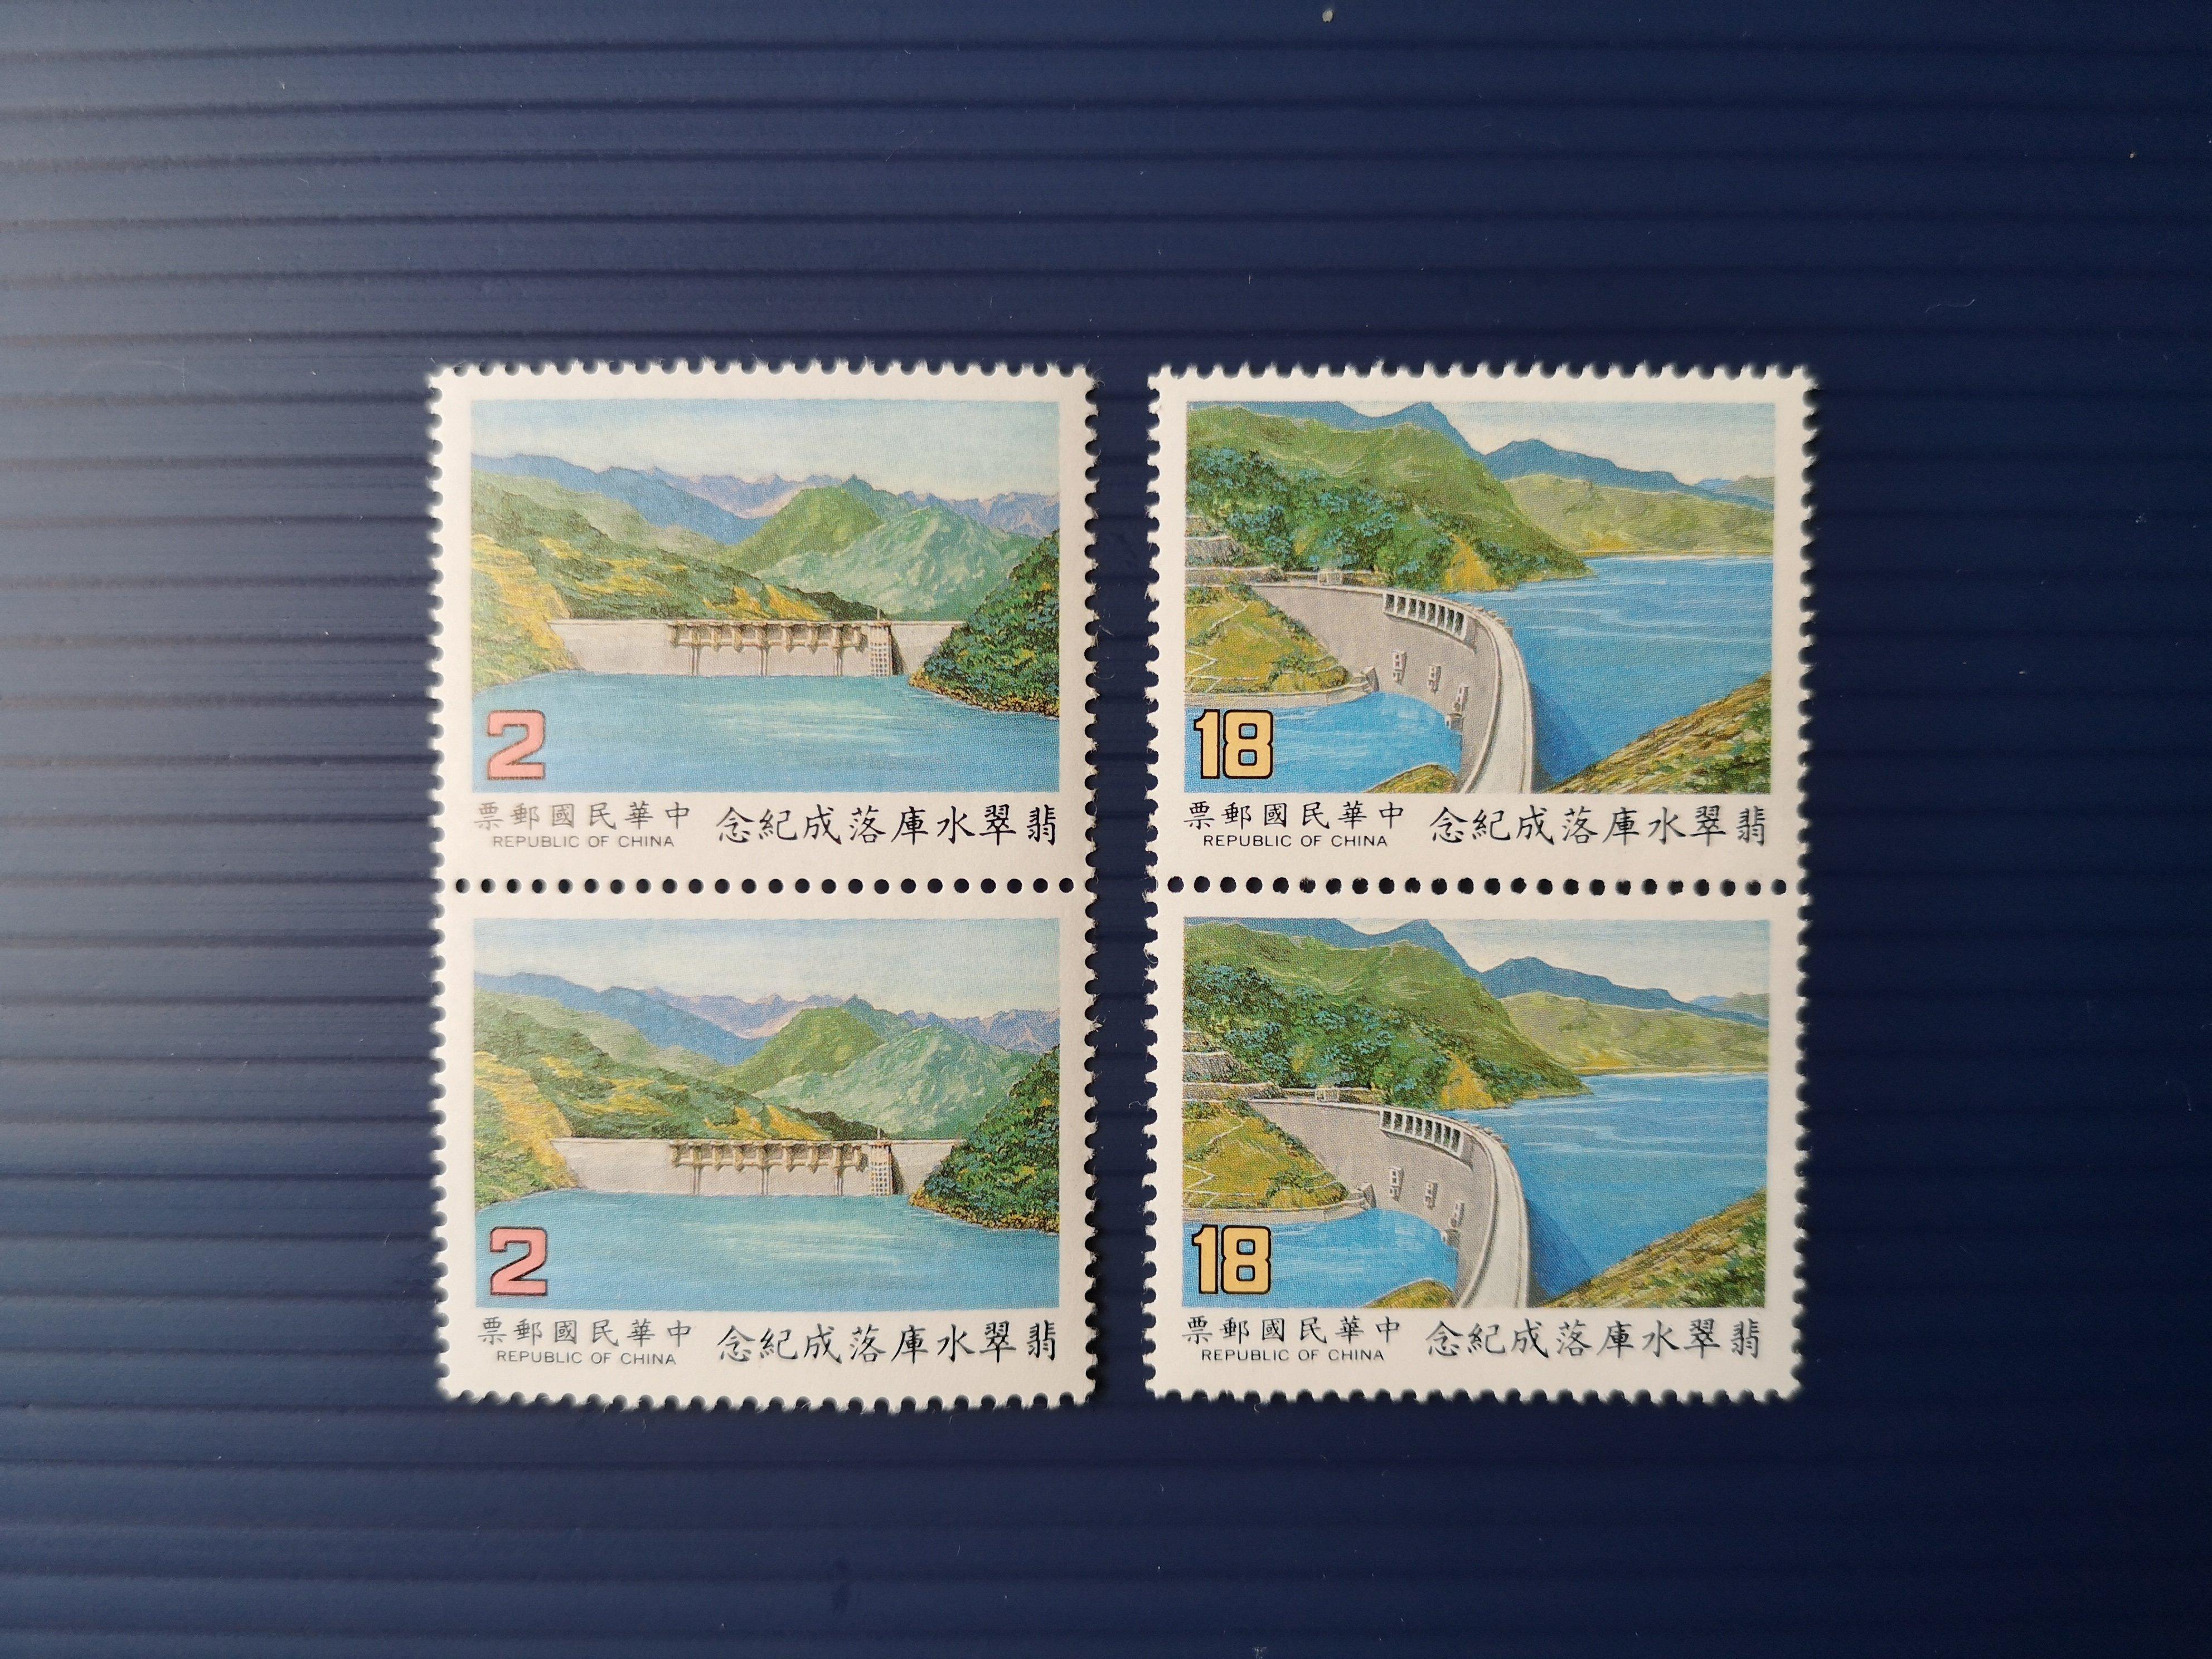 (上品) 翡翠水庫郵票(76年)二套方連